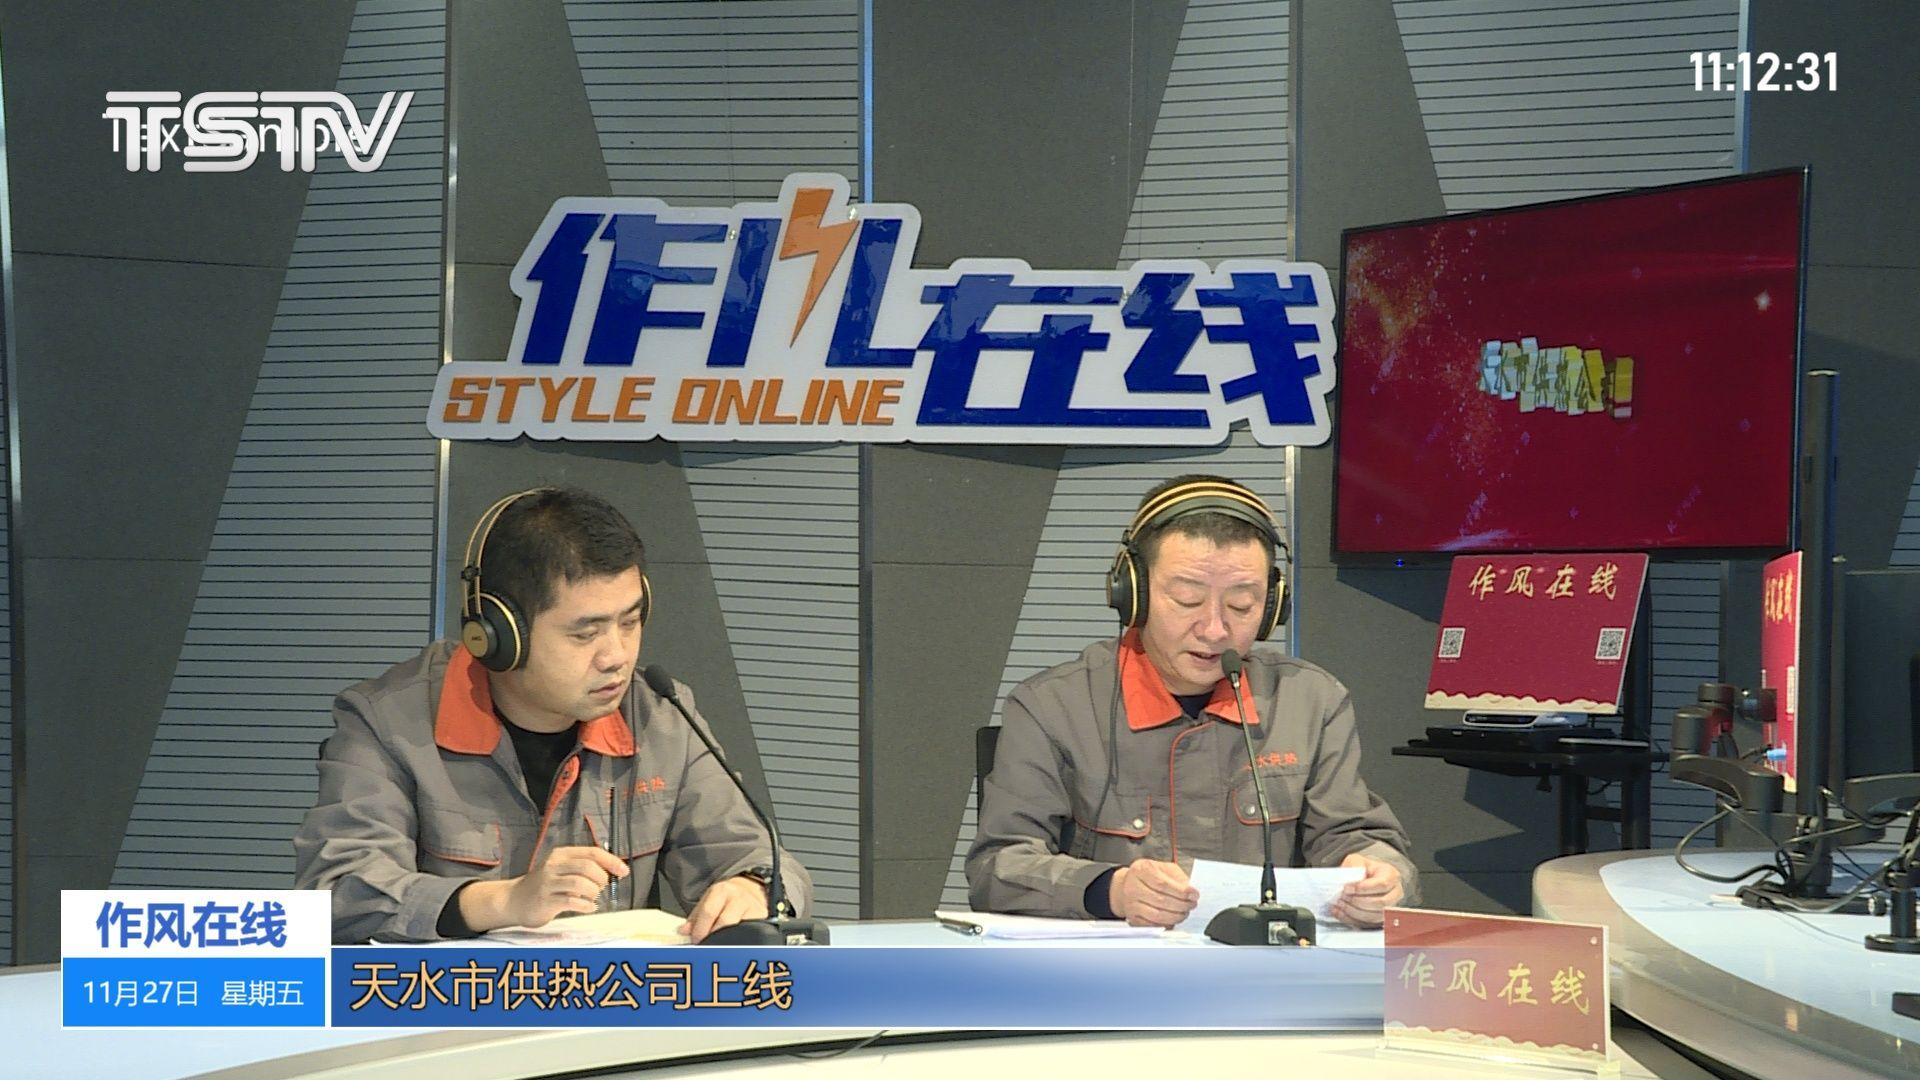 11月27日 fun88乐天堂官网体育市供热公司上线